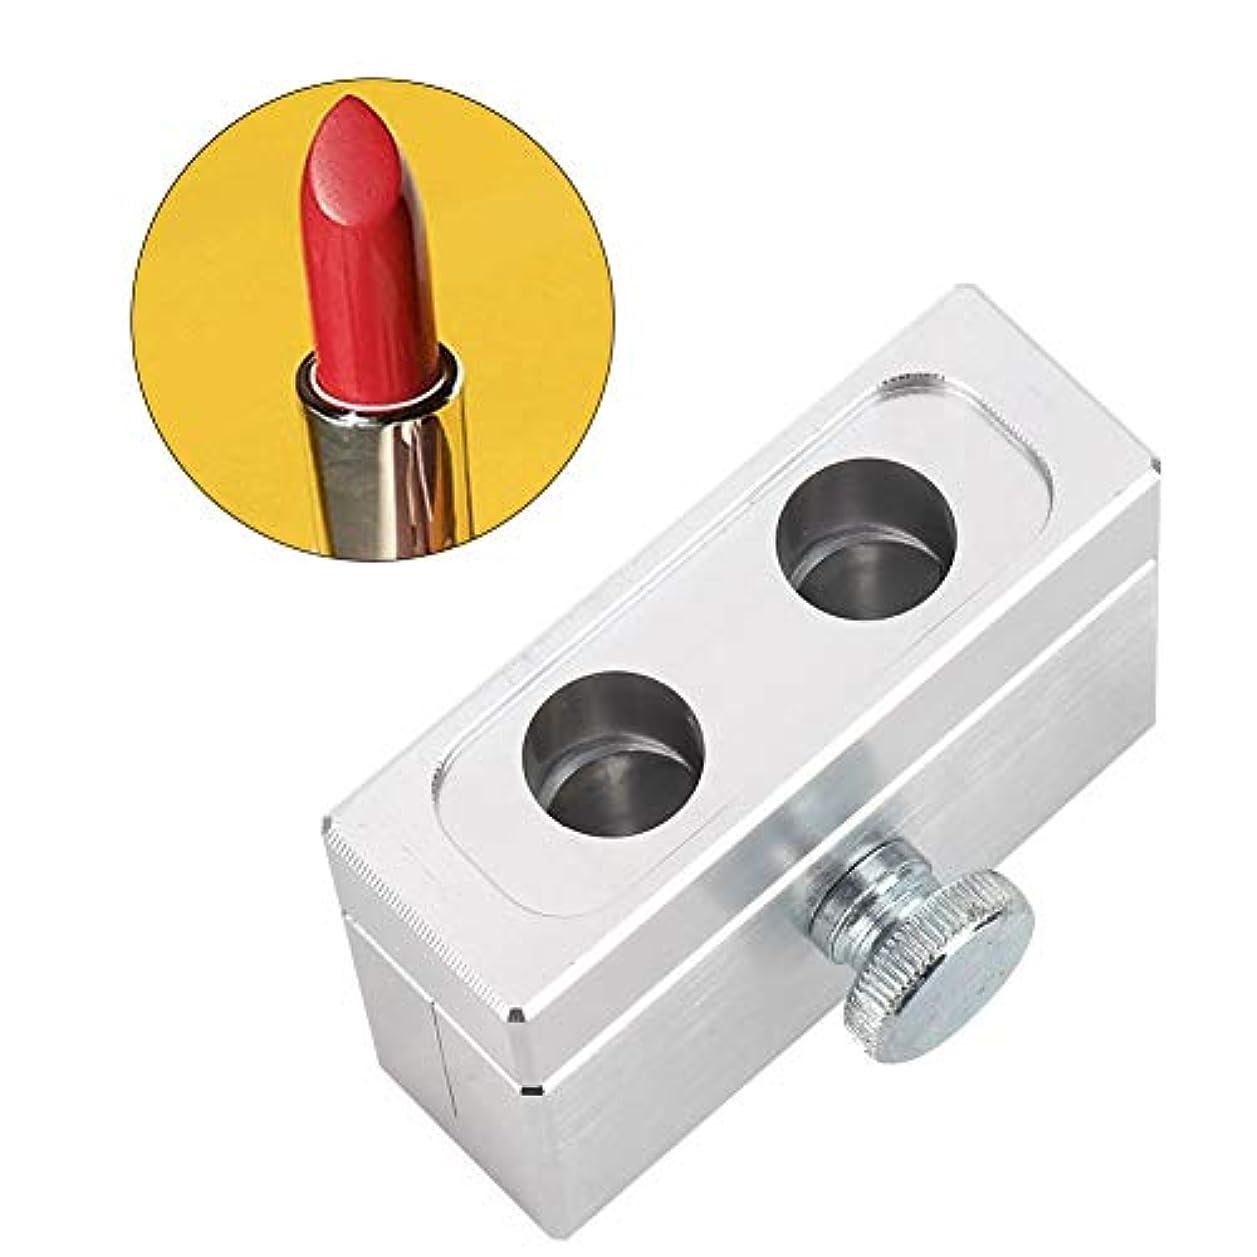 シート手首スナッチDIY口紅型、口紅容器 12.1mm 2穴くちばし型アルミニウム合金リップバームモールドホルダートリプル使用化粧品リップバームフィルメーカー成形ツール(銀色)